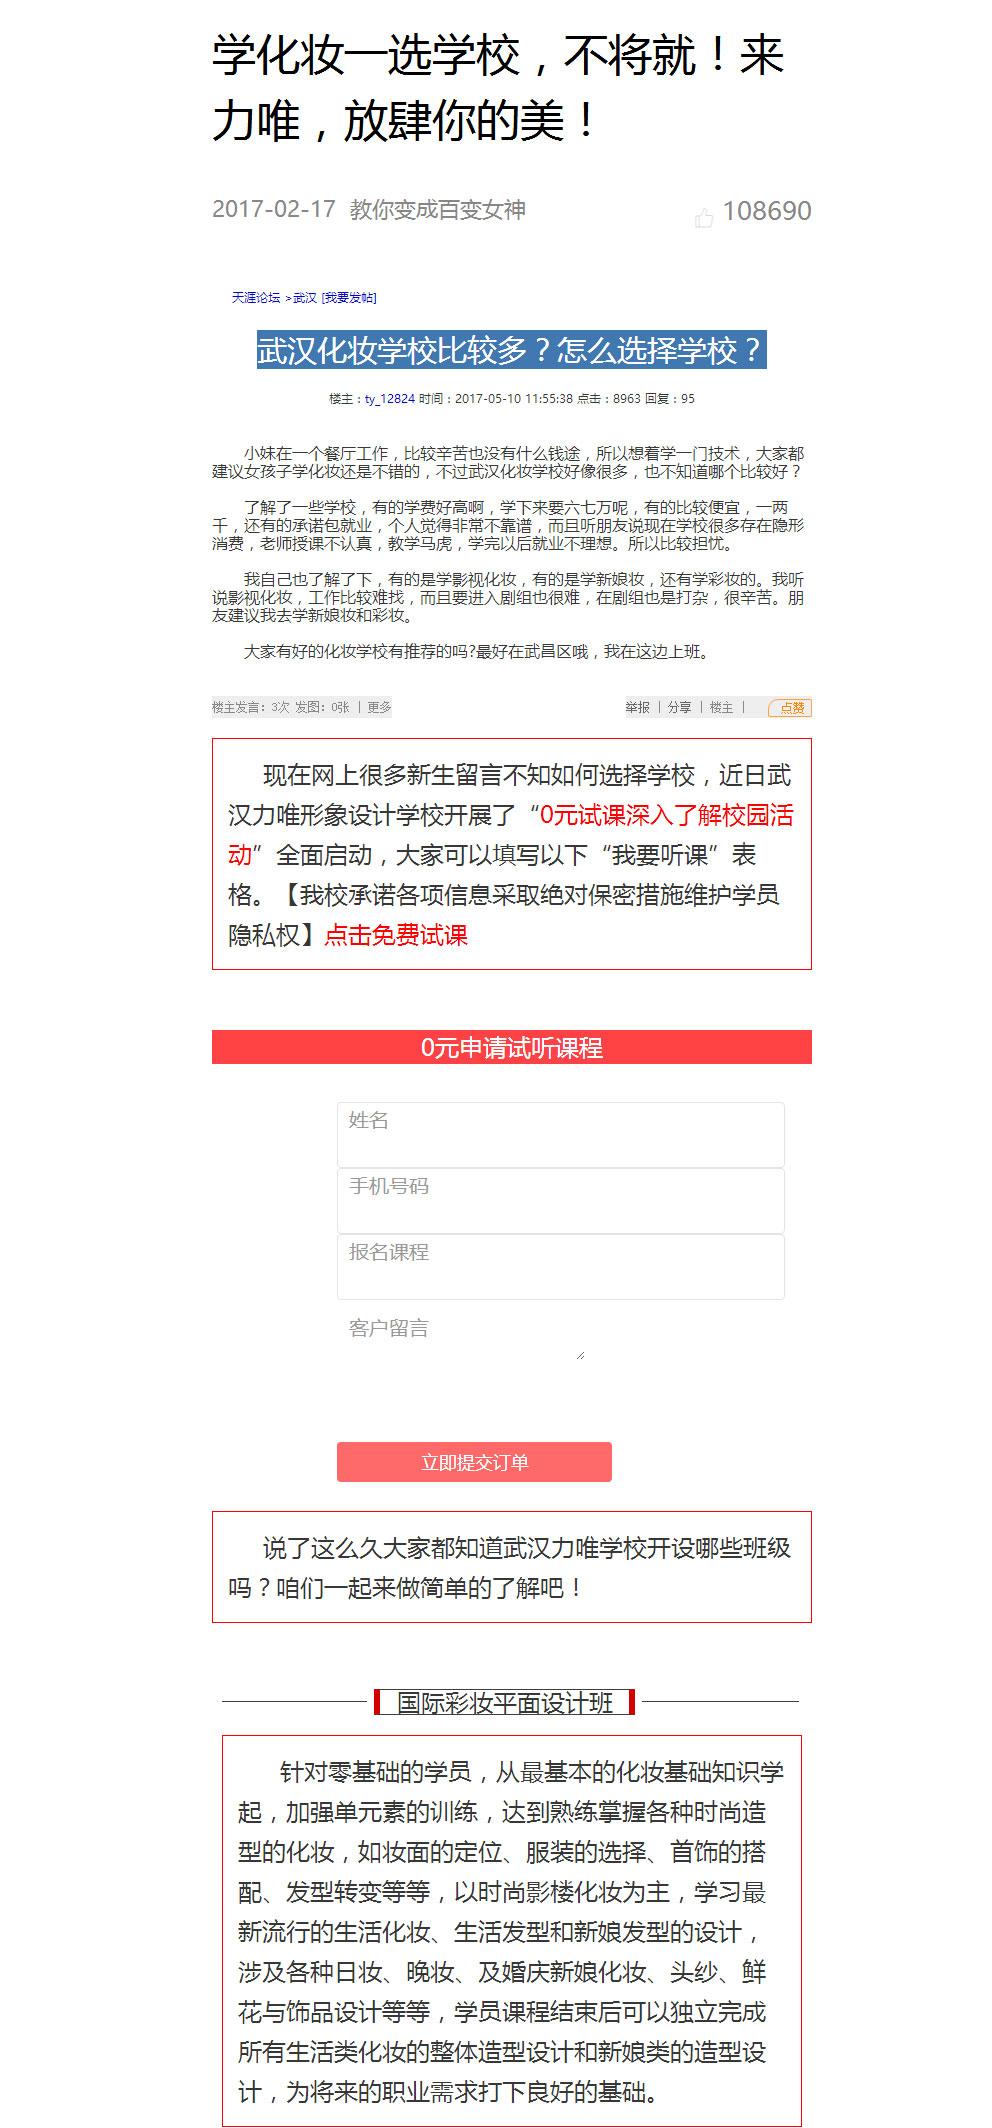 【美容美甲行业】移动端网站仿微信公众号与天涯论坛-网站建设案例